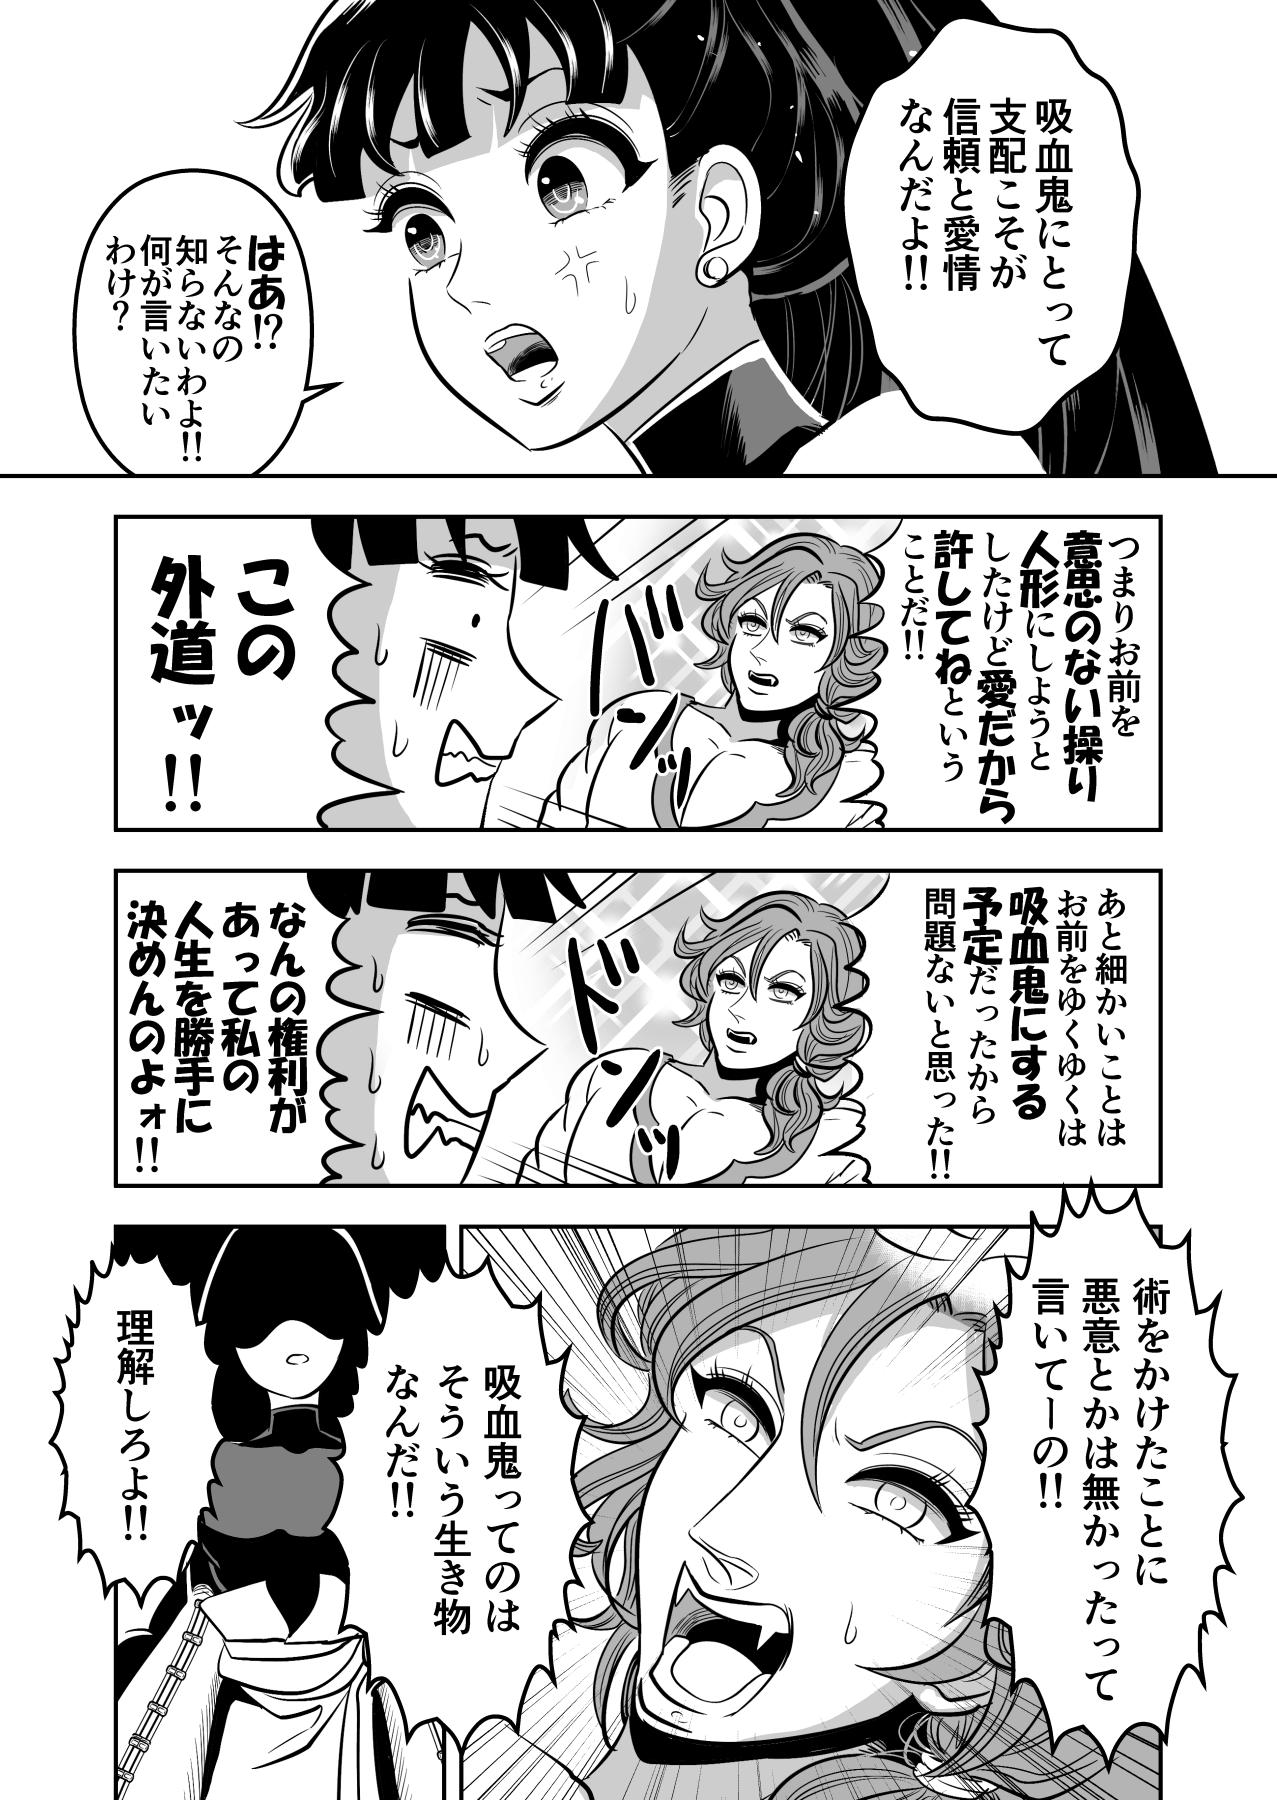 ヤサグレ魔女と第1王子と吸血鬼⑨ (11)-min